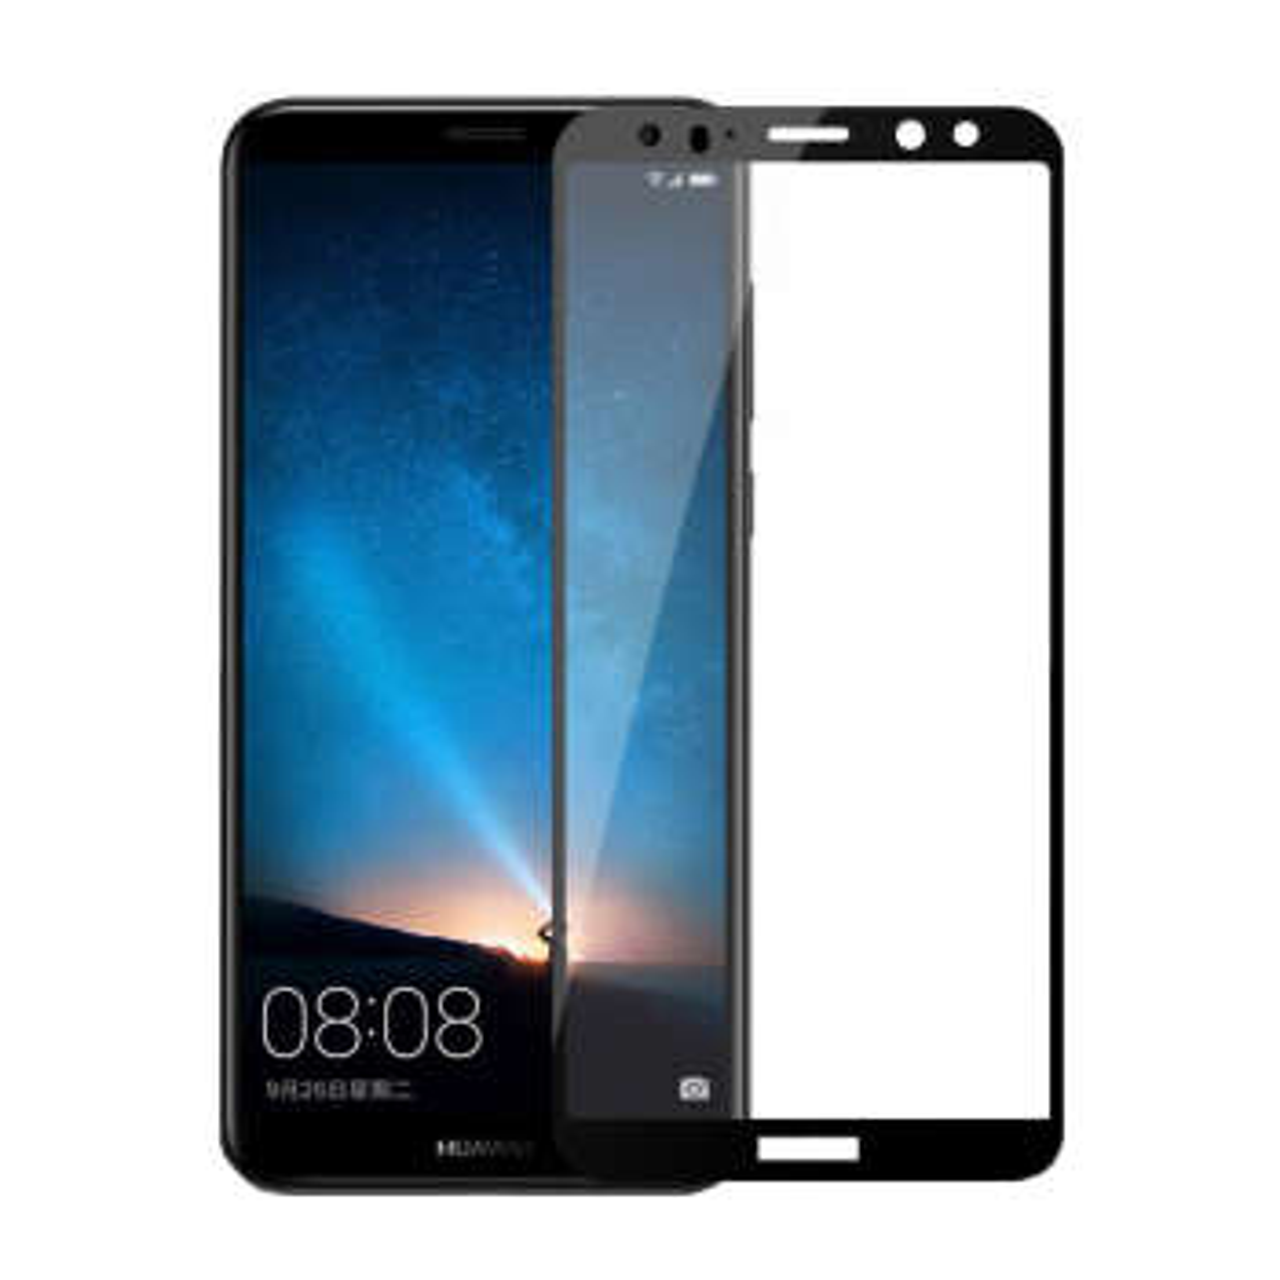 محافظ صفحه نمایش نیکسو مدل Full Glue مناسب برای گوشی موبایل هواوی Mate 10 Lite